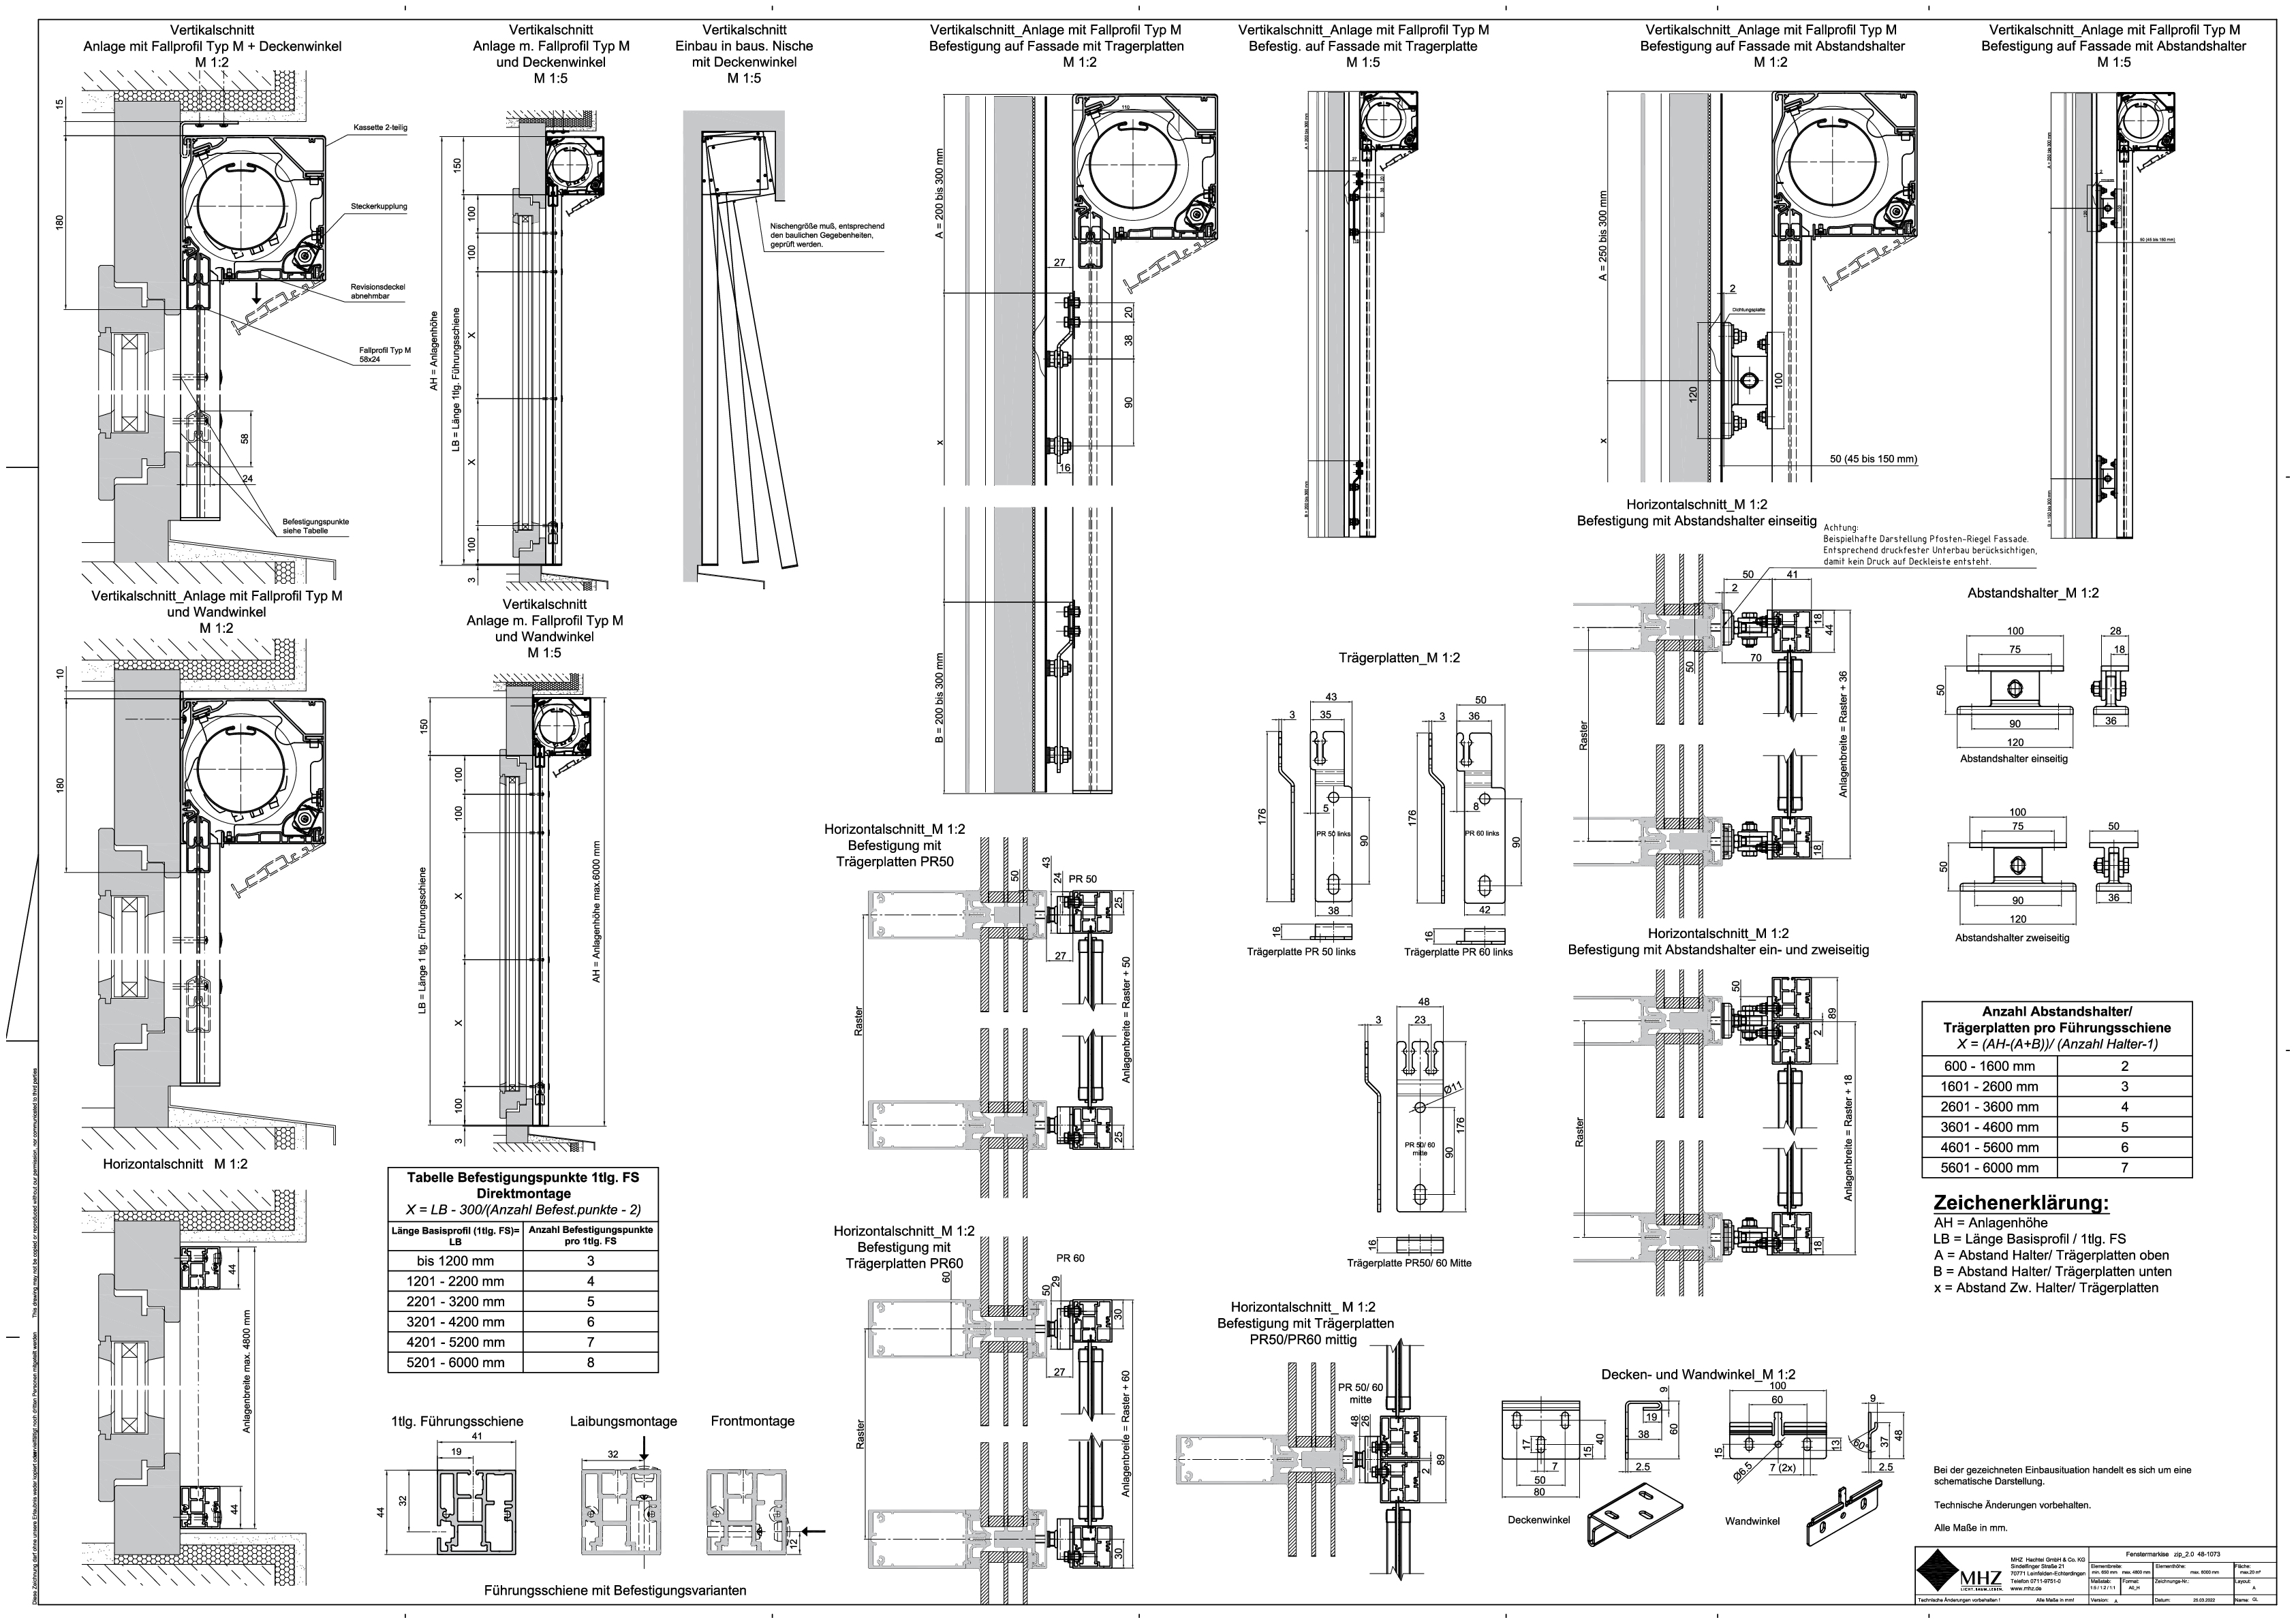 Technische Zeichnung Fenstermarkisen zip_2.0 48-1073 (pdf)